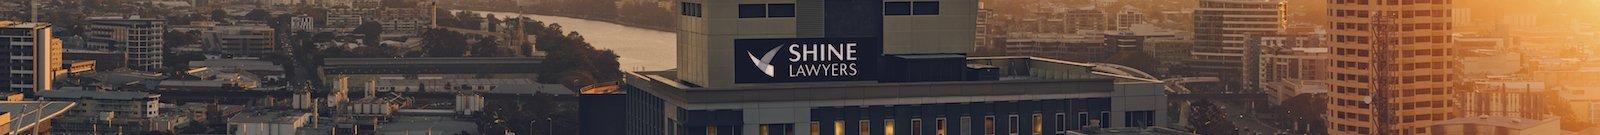 Ethicon Mesh | Shine Lawyers